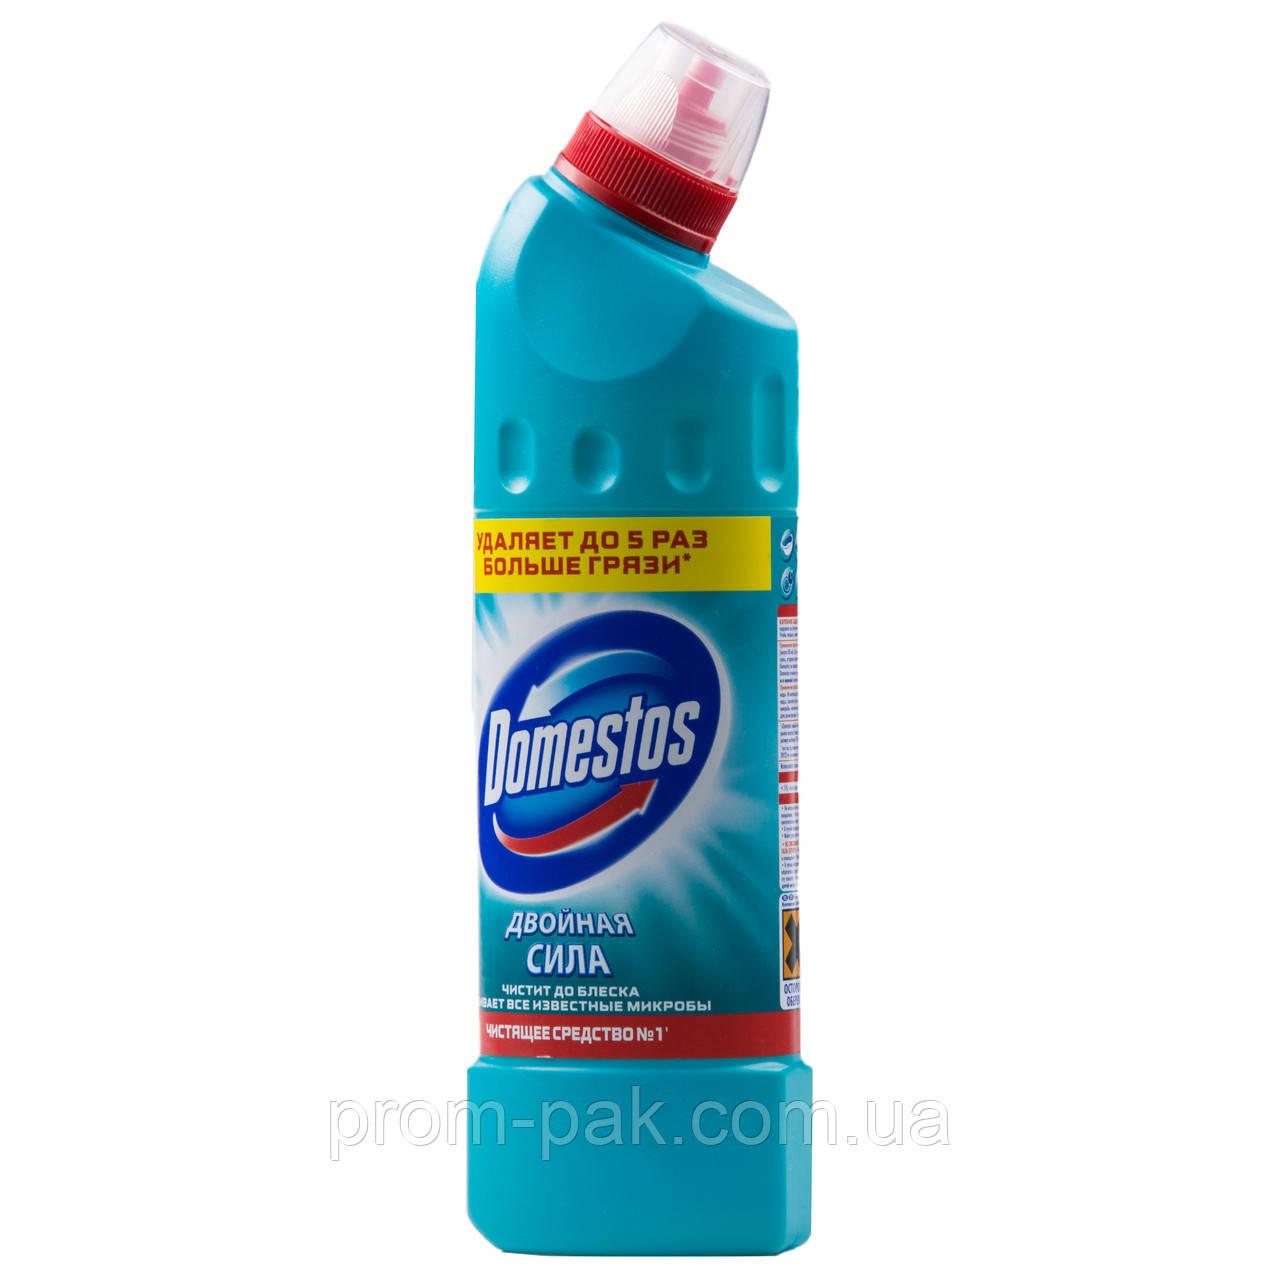 Domestos чистящее средство для унитазов 500 мл лаванда